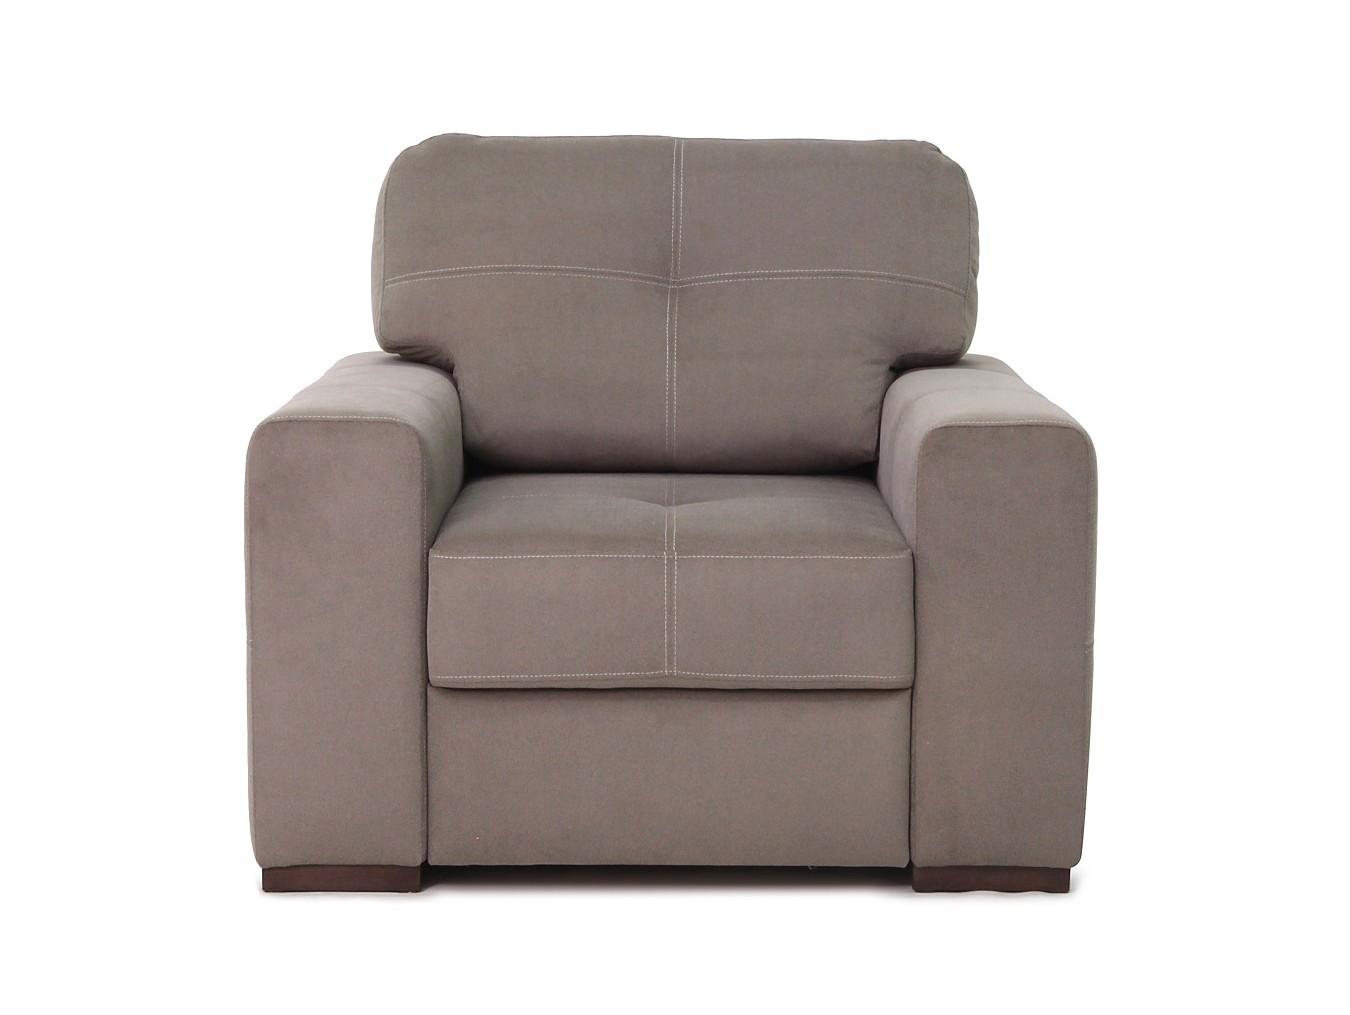 Кресло БарниИнтерьерные кресла<br>&amp;lt;div&amp;gt;Кресло &amp;quot;Барни&amp;quot; - это в-первую очередь полноценный комфорт отдыха, а его оригинальная простота и строгость форм подчеркнут практически любой интерьер и добавят ему изысканный вид! Входит в комплект к угловому и прямому дивану &amp;quot;Барни&amp;quot;.&amp;amp;nbsp;&amp;amp;nbsp;&amp;lt;div&amp;gt;&amp;lt;br&amp;gt;&amp;lt;/div&amp;gt;&amp;lt;div&amp;gt;В конструкции каркаса используются: шлифованная фанера, строганный брус хвойных пород, ДСП ламинированная.&amp;lt;/div&amp;gt;&amp;lt;div&amp;gt;Мягкий настил включает в себя:&amp;amp;nbsp;&amp;lt;/div&amp;gt;&amp;lt;div&amp;gt;- приспинная подушка - гипоаллергенное волокно;&amp;amp;nbsp;&amp;lt;/div&amp;gt;&amp;lt;div&amp;gt;- внутренний чехол подушки прострочен с синтепоном;&amp;amp;nbsp;&amp;lt;/div&amp;gt;&amp;lt;div&amp;gt;- чехол съемный на спинке;&amp;amp;nbsp;&amp;lt;/div&amp;gt;&amp;lt;div&amp;gt;- блок независимых пружин;&amp;lt;/div&amp;gt;&amp;lt;div&amp;gt;Декоративные подушки в комплект не входят.&amp;lt;/div&amp;gt;&amp;lt;div&amp;gt;Большой выбор обивочных тканей (подробности уточняйте у менеджера).&amp;lt;/div&amp;gt;&amp;lt;/div&amp;gt;<br><br>Material: Текстиль<br>Ширина см: 106<br>Высота см: 94<br>Глубина см: 100